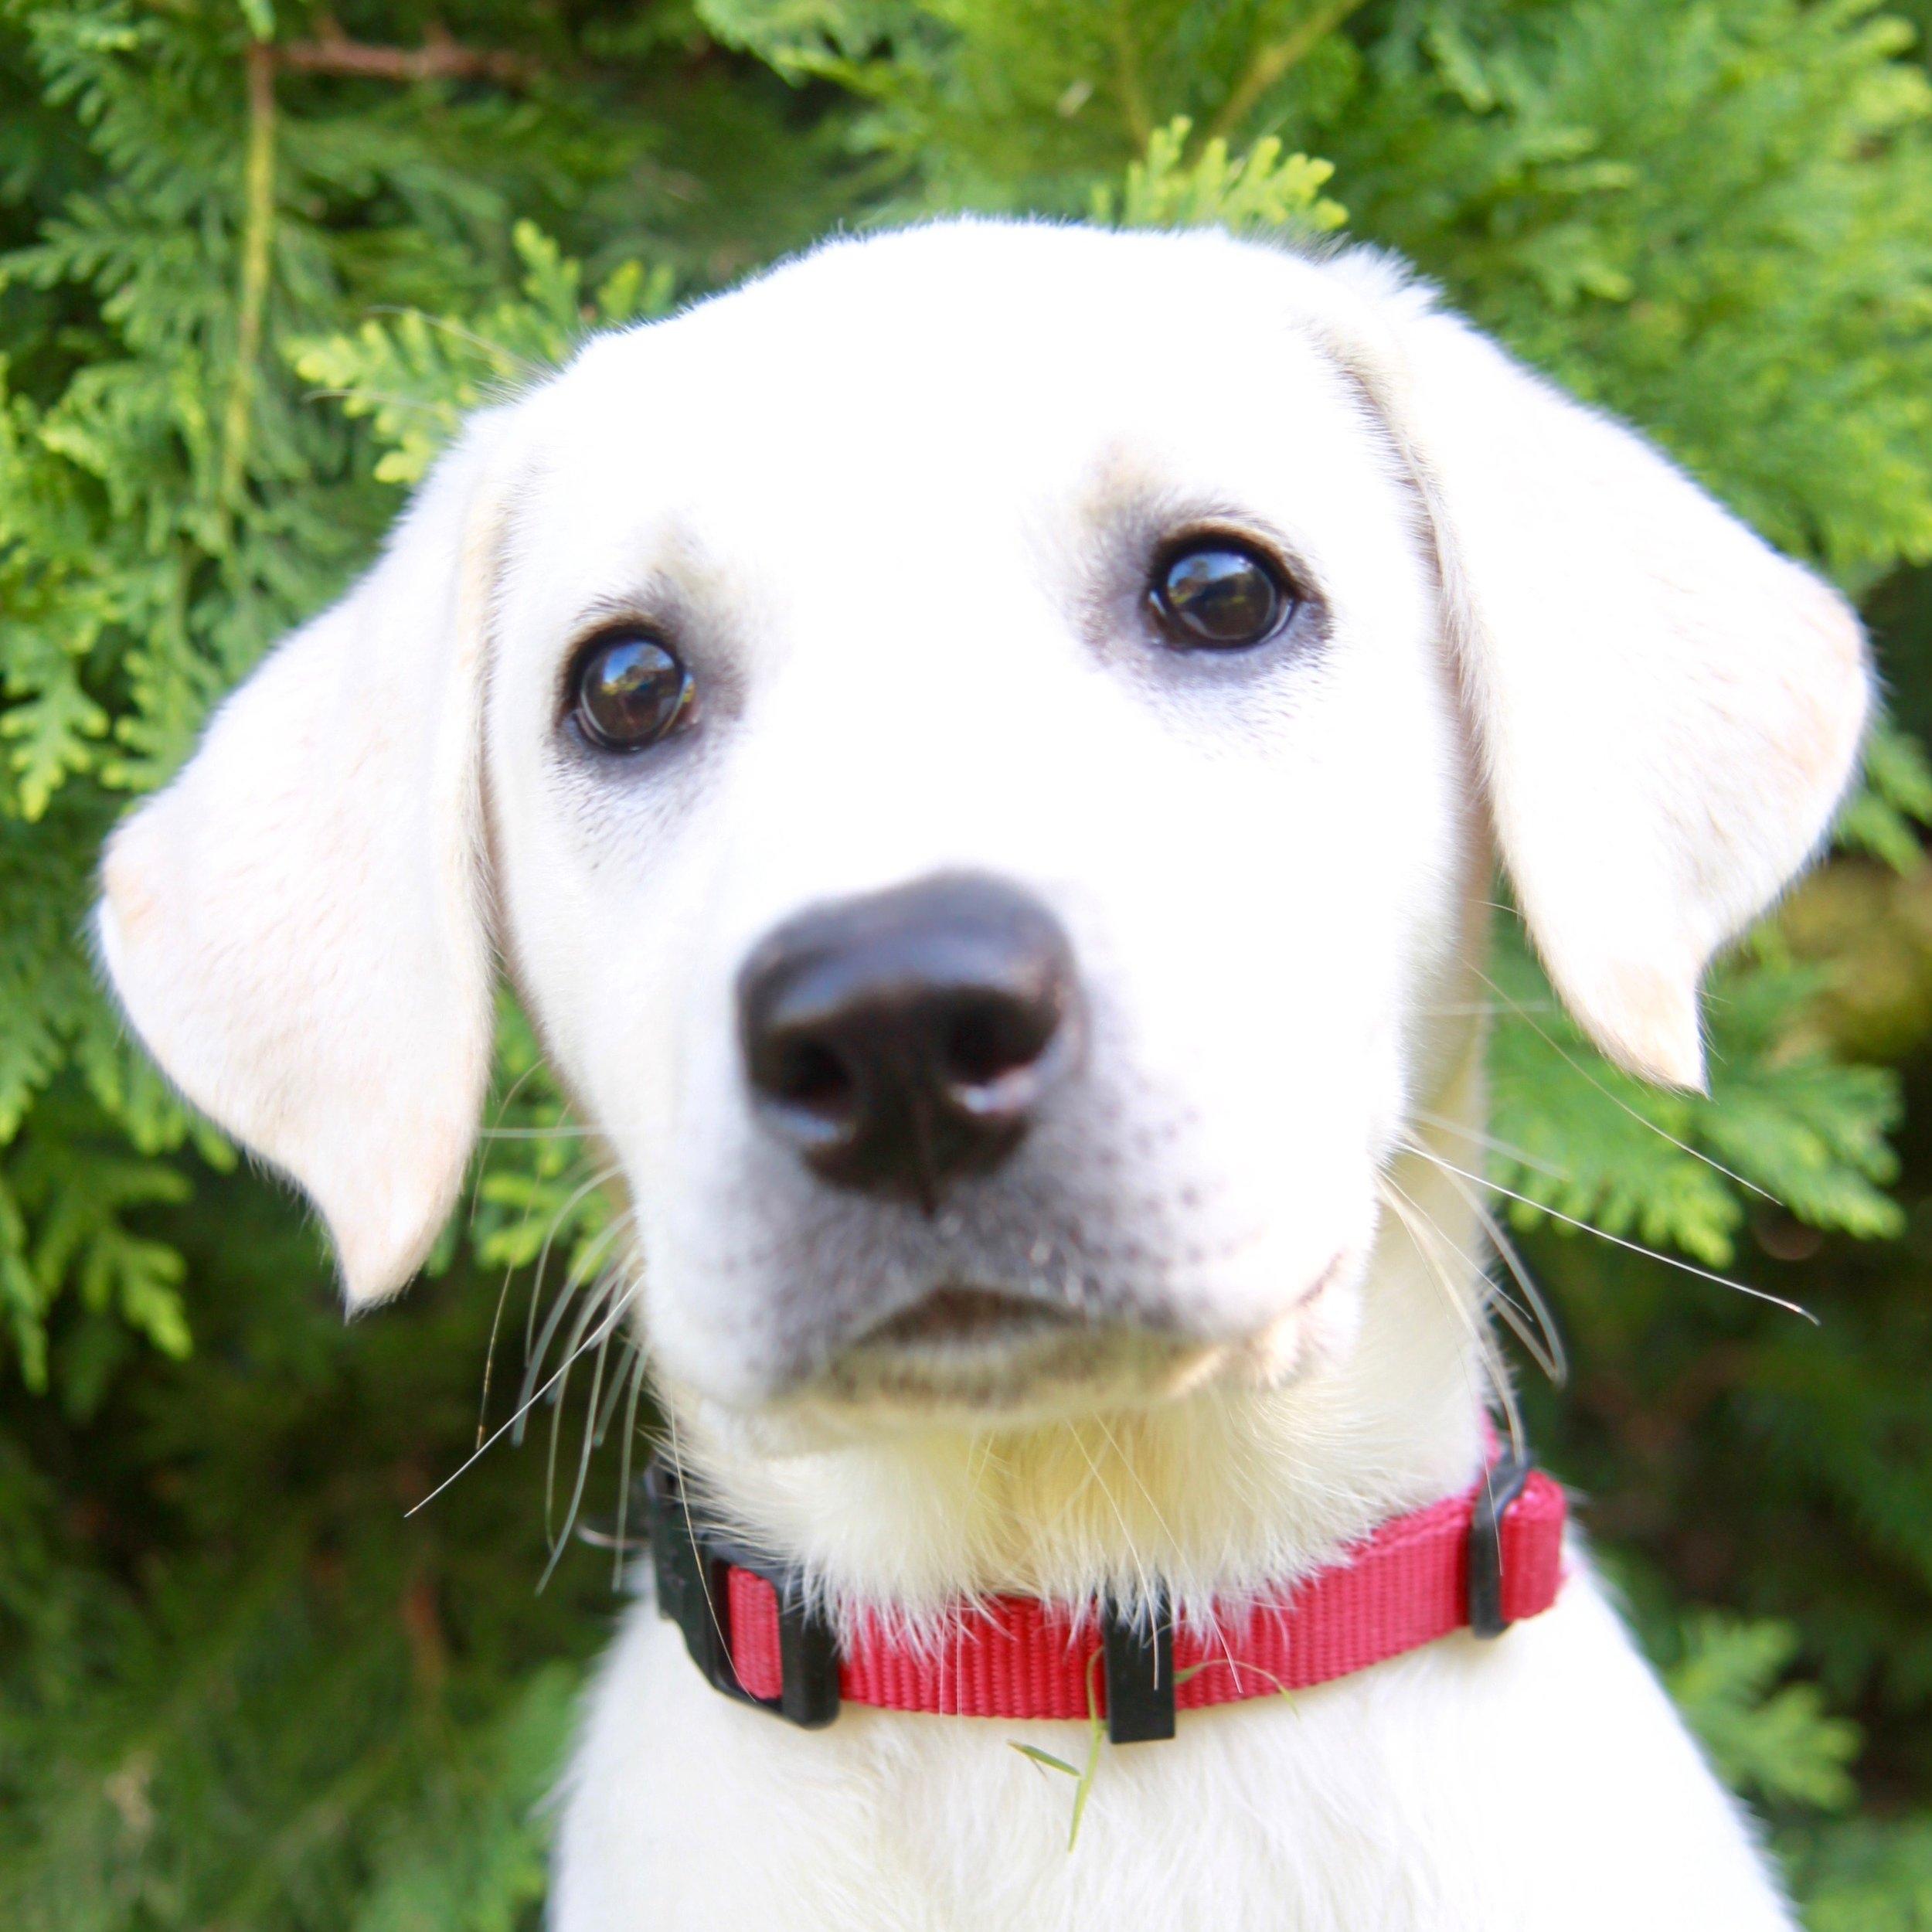 Charlie the Labrador Retriever